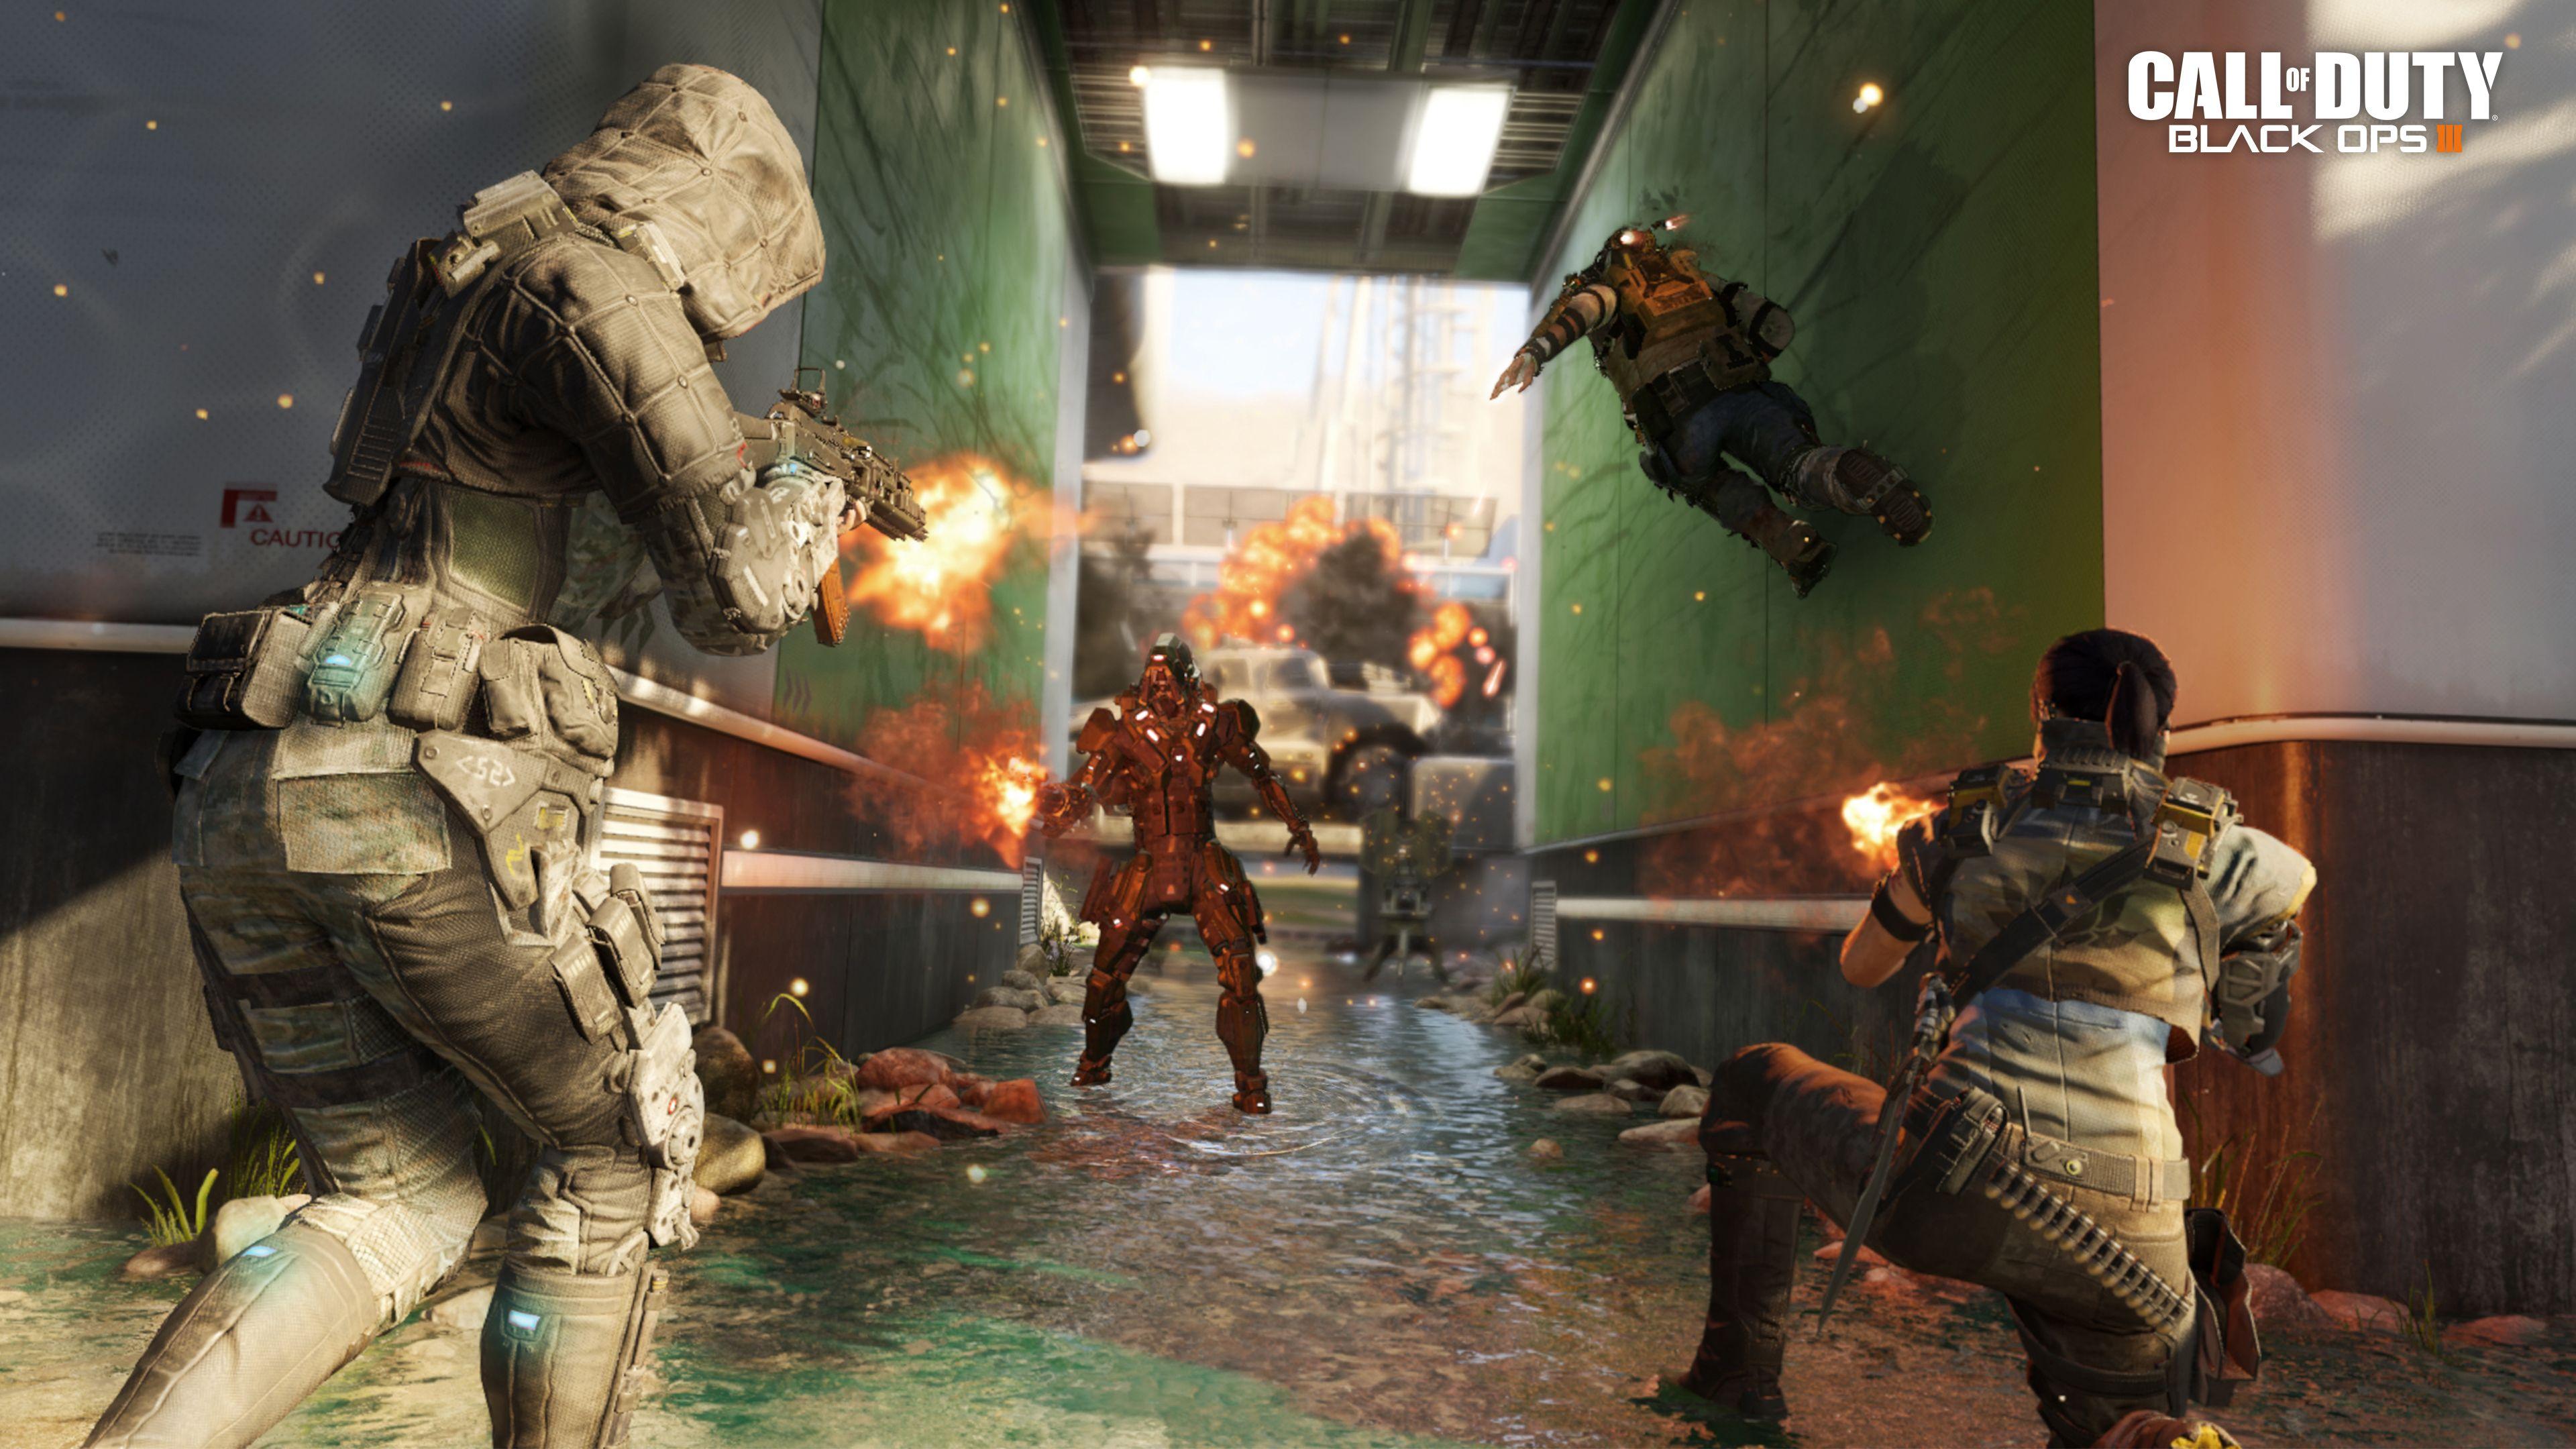 صور عالية الدقة من داخل لعبة Call Of Duty Black Ops 3 نيوتك New Tech